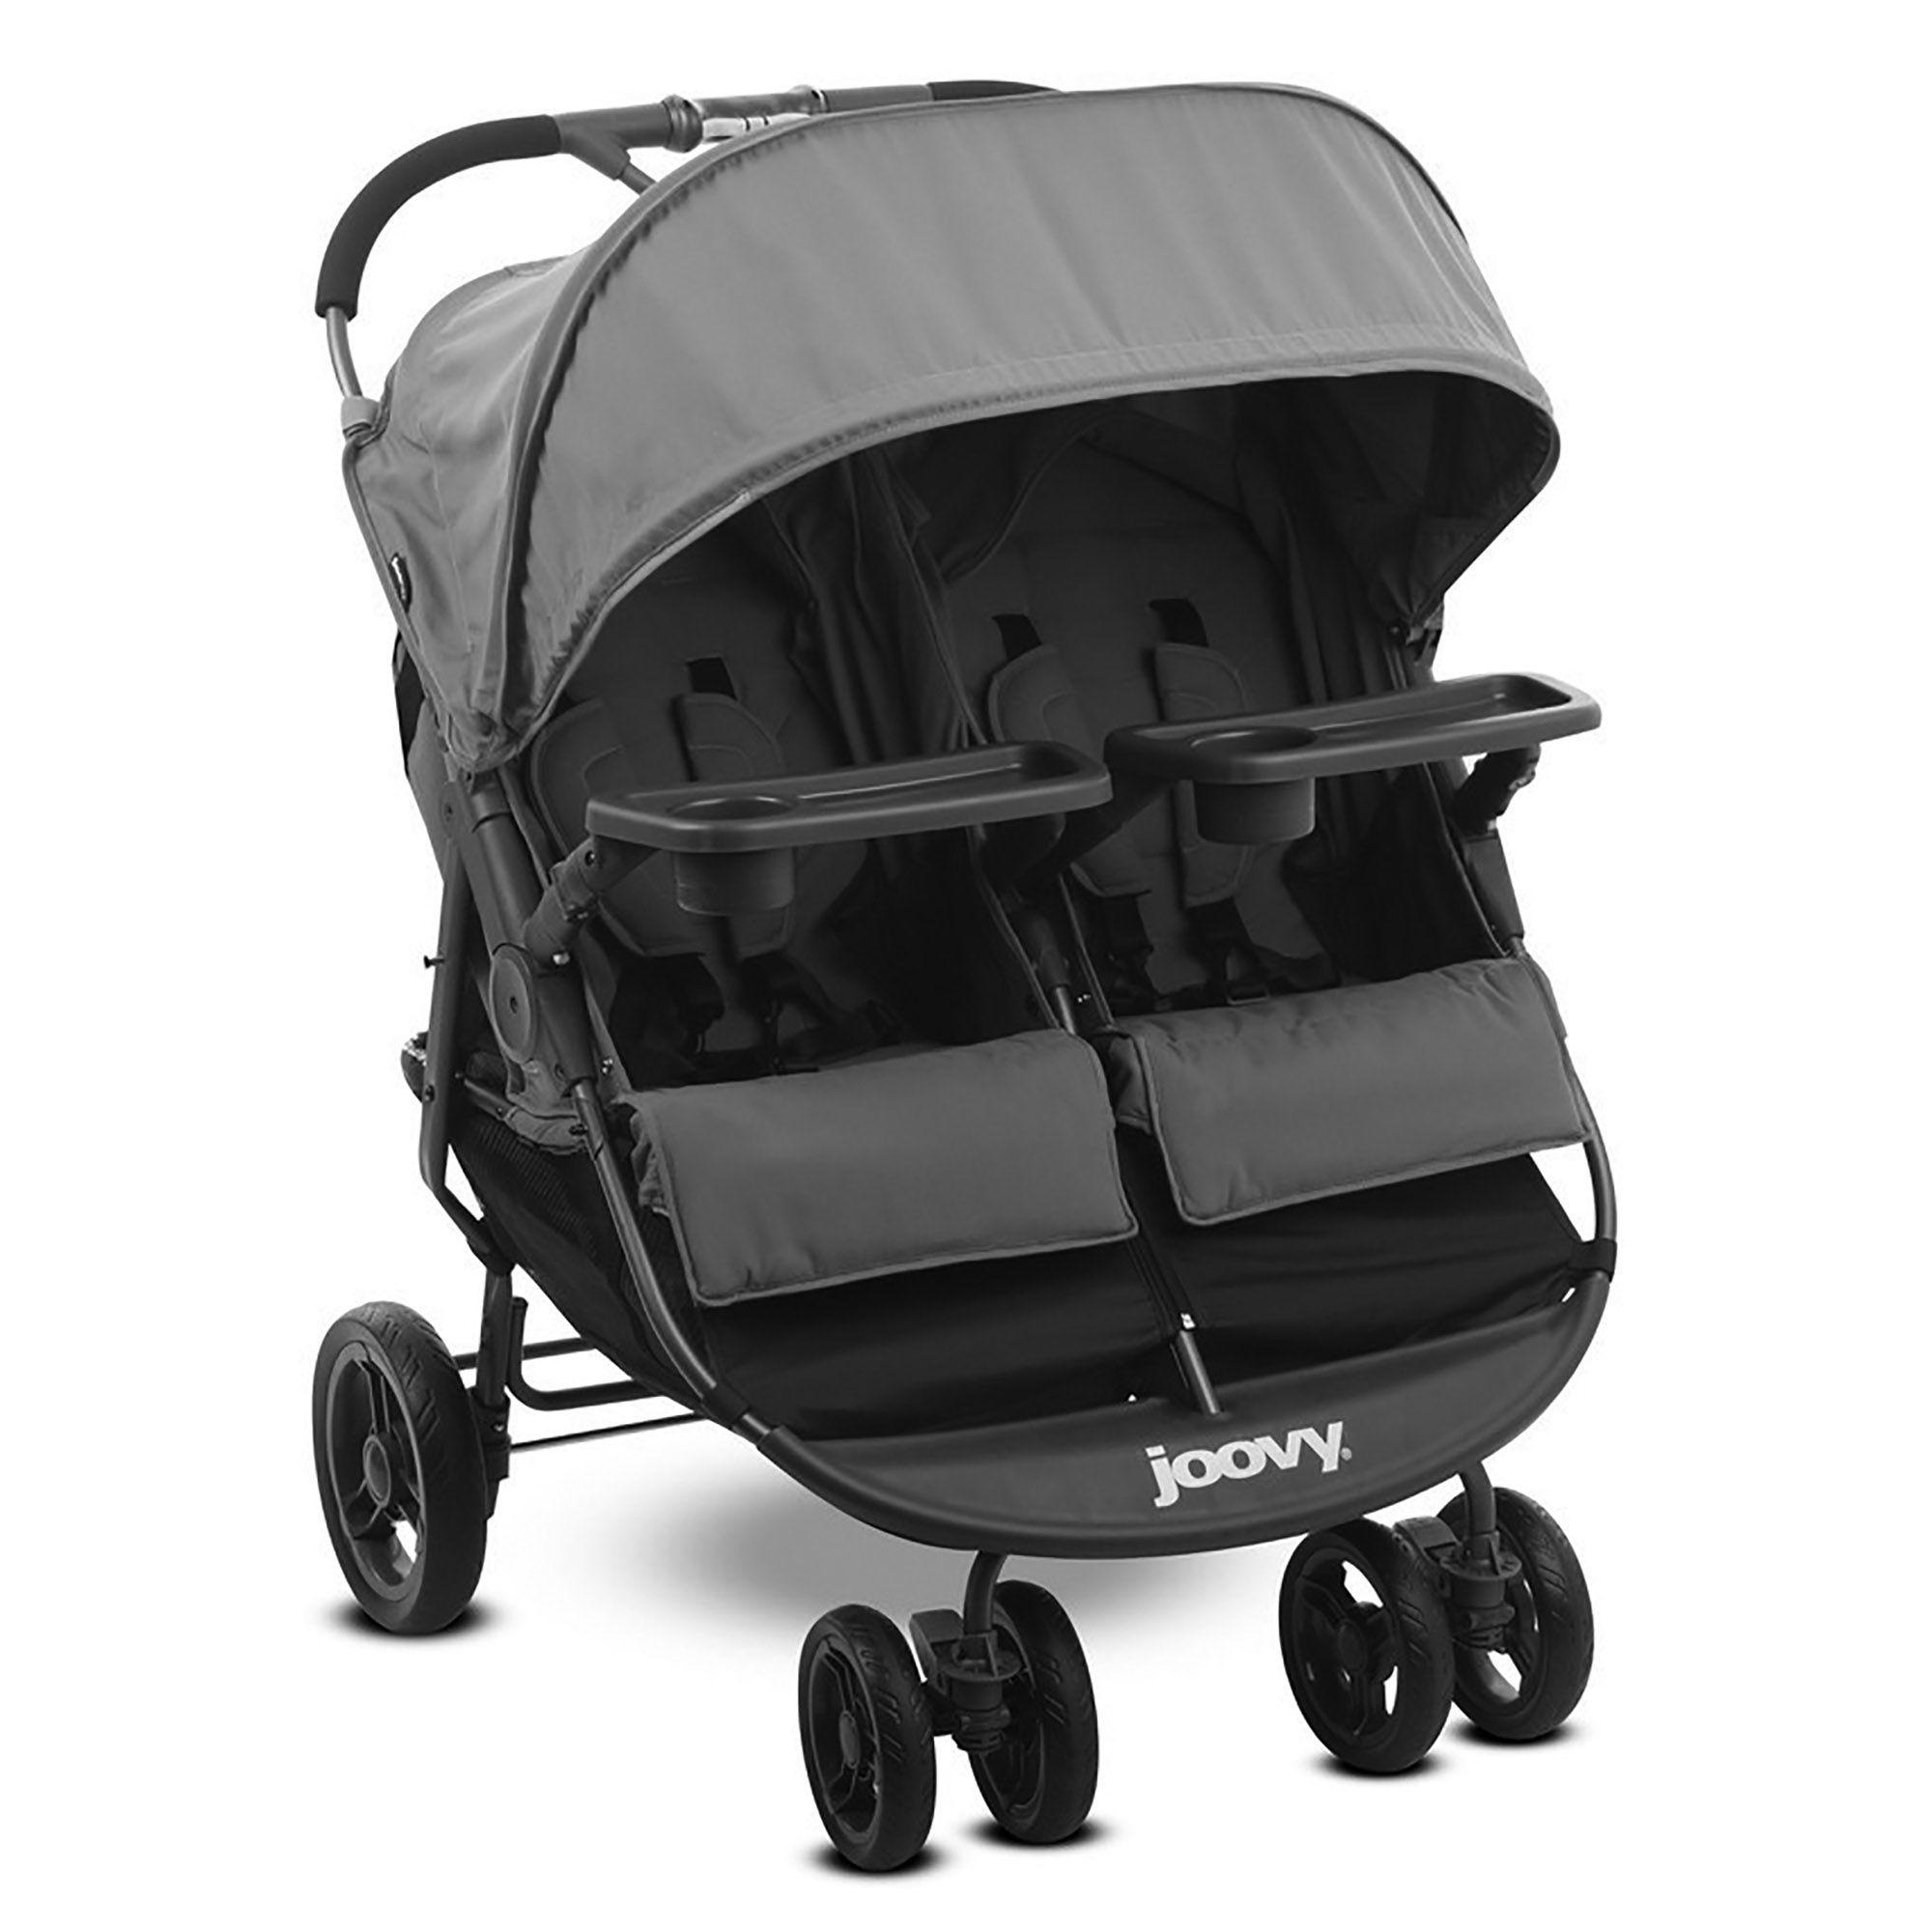 23++ Lightweight double stroller side by side ideas in 2021